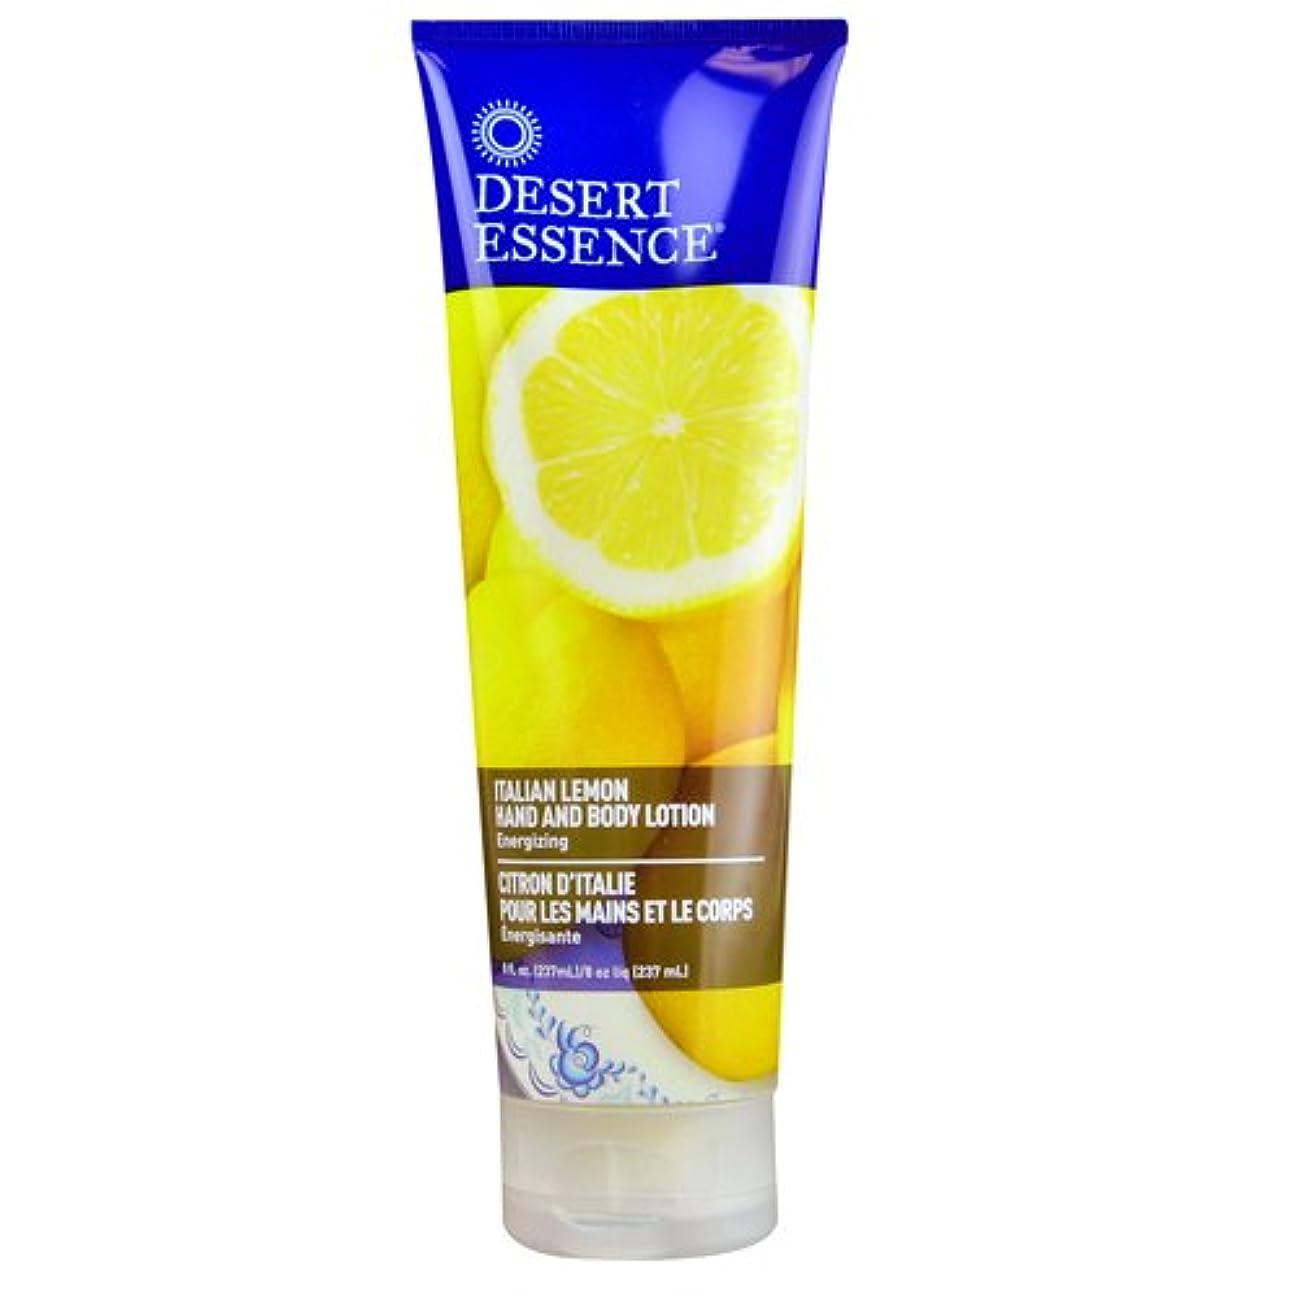 スキッパー推進力キャンディーDesert Essence, Hand and Body Lotion, Italian Lemon, 8 fl oz (237 ml)